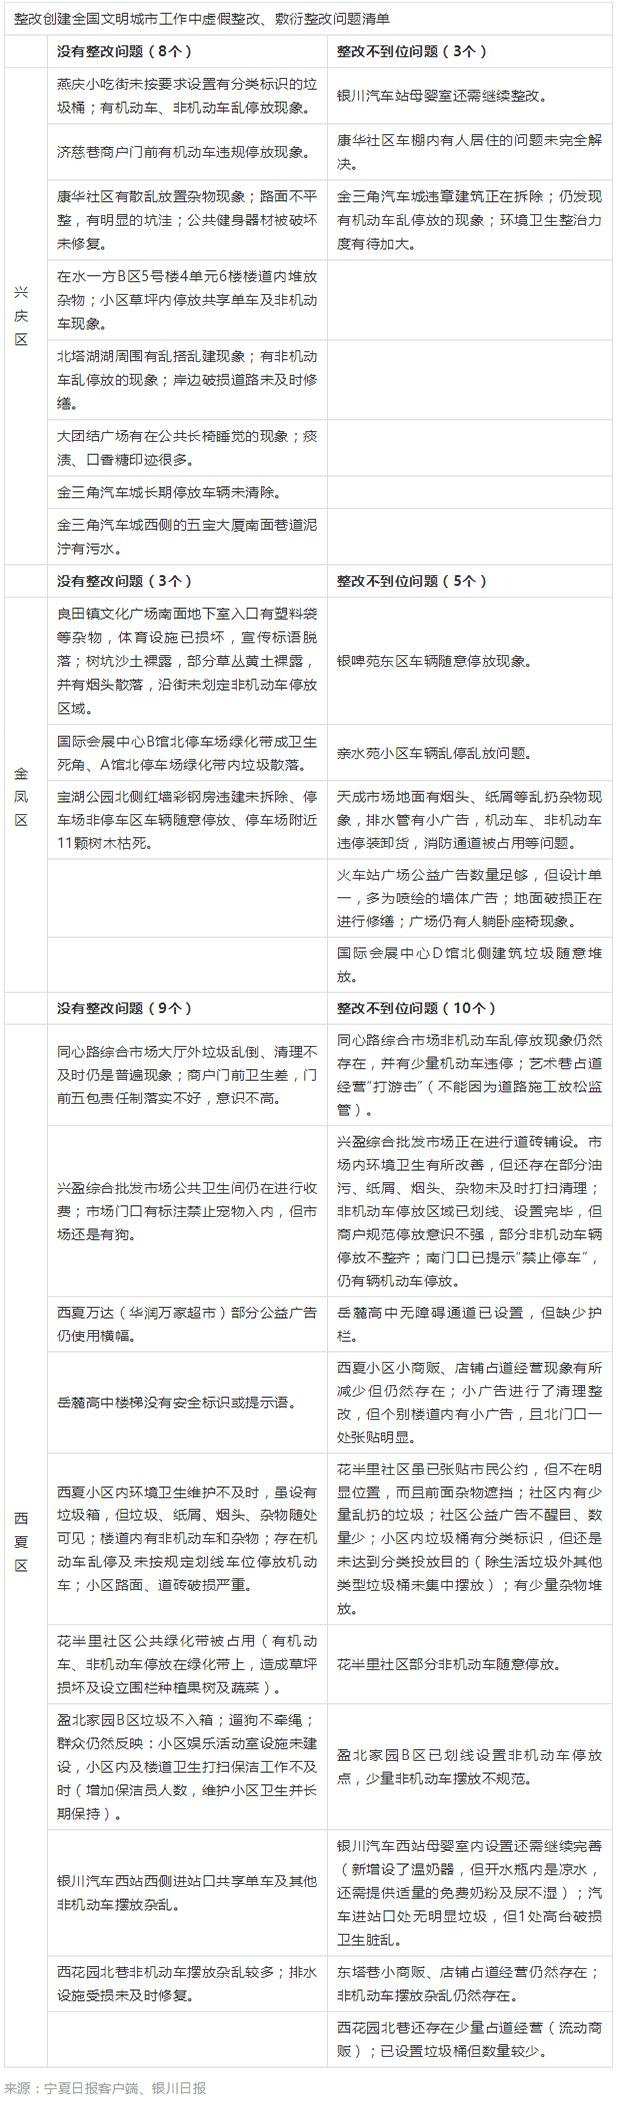 银川通报创城工作中虚假整改等问题,纪委监委启动问责程序